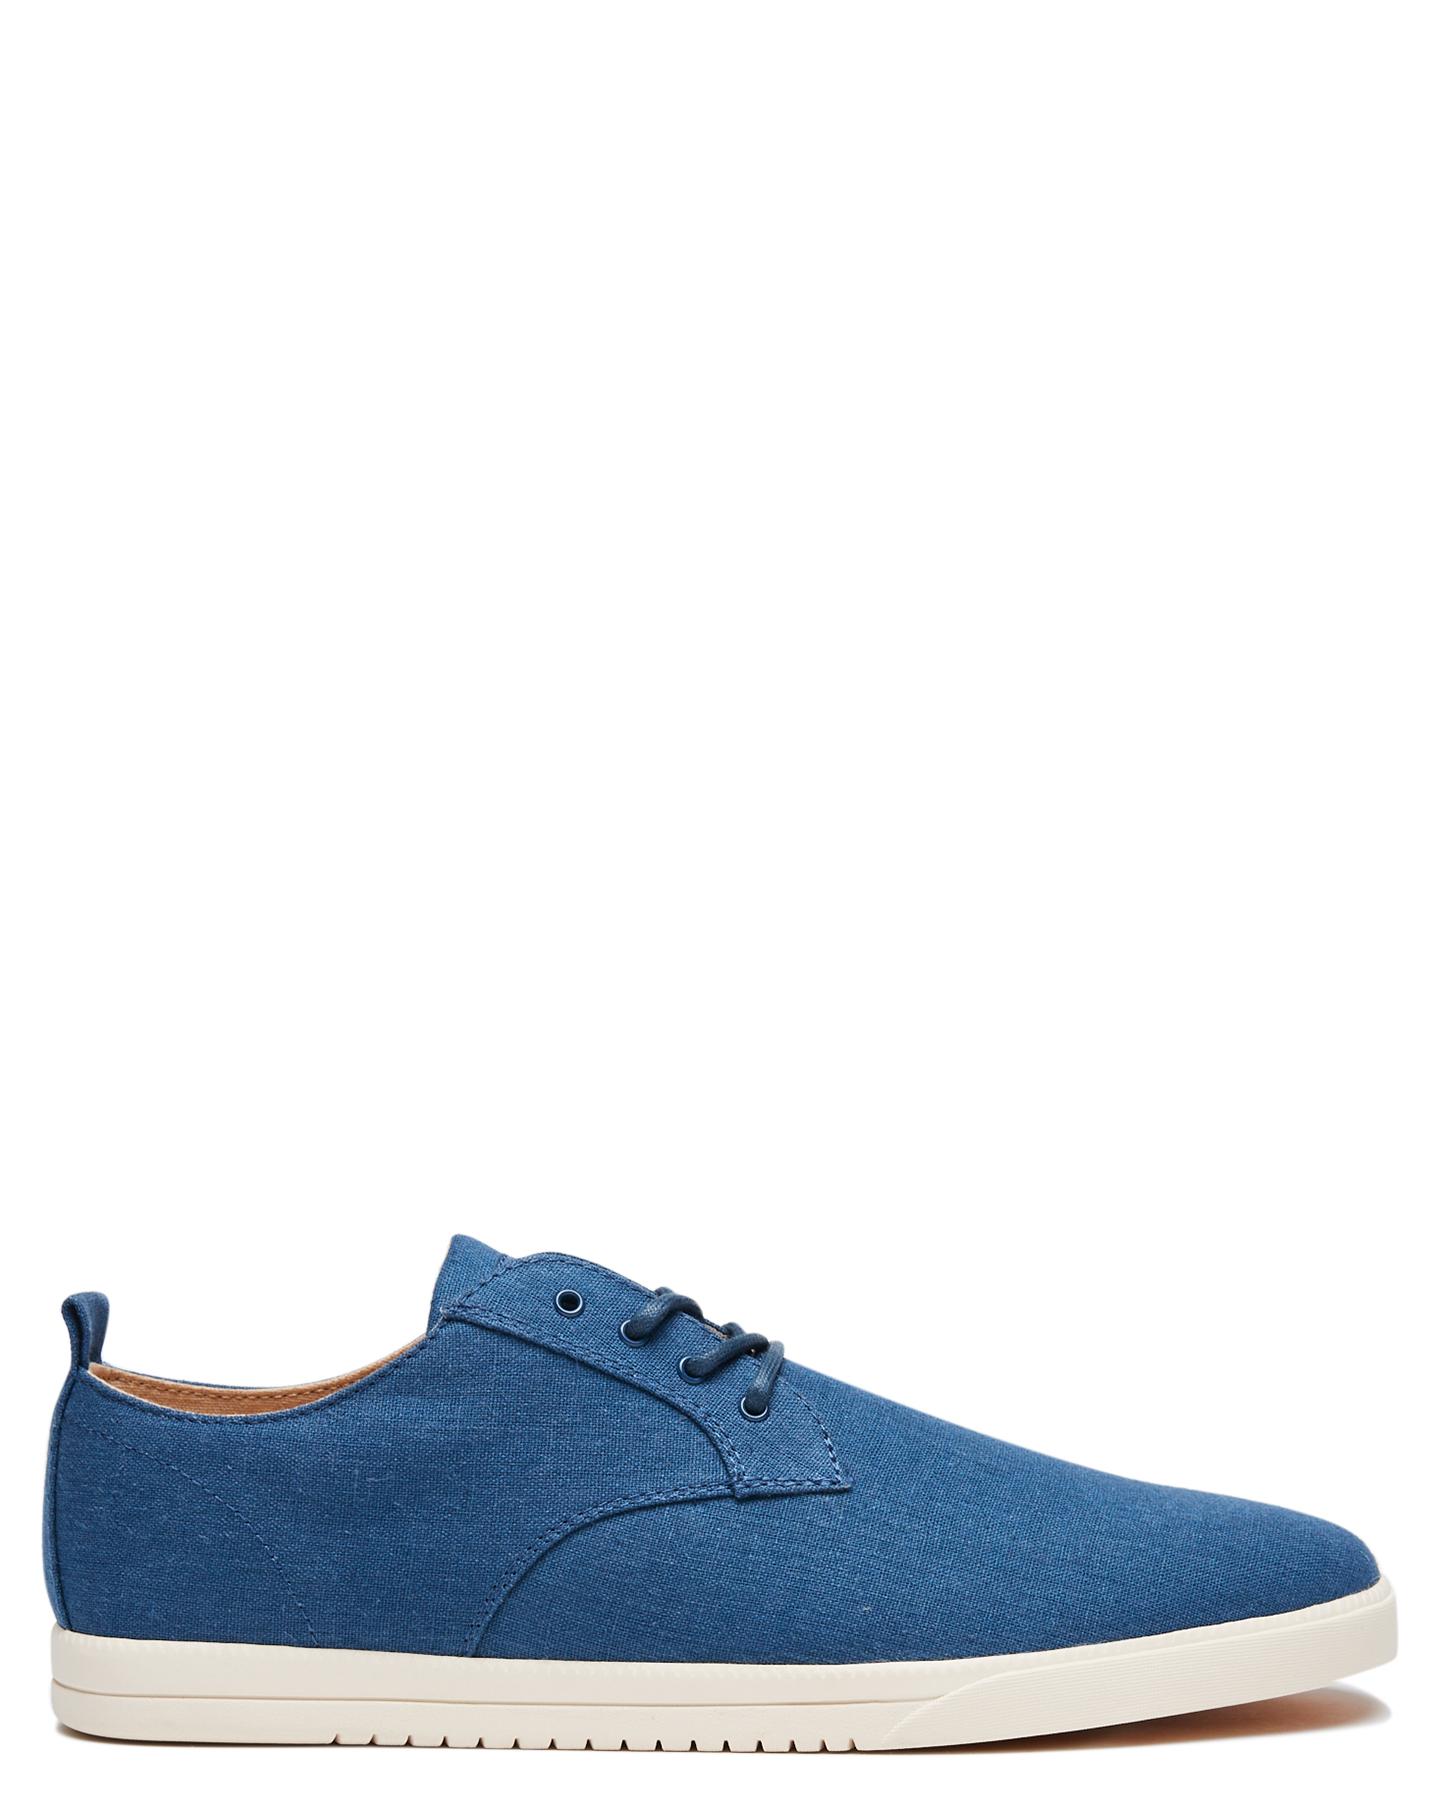 Clae Ellington Textile Mens Shoe Ensign Blue Hemp